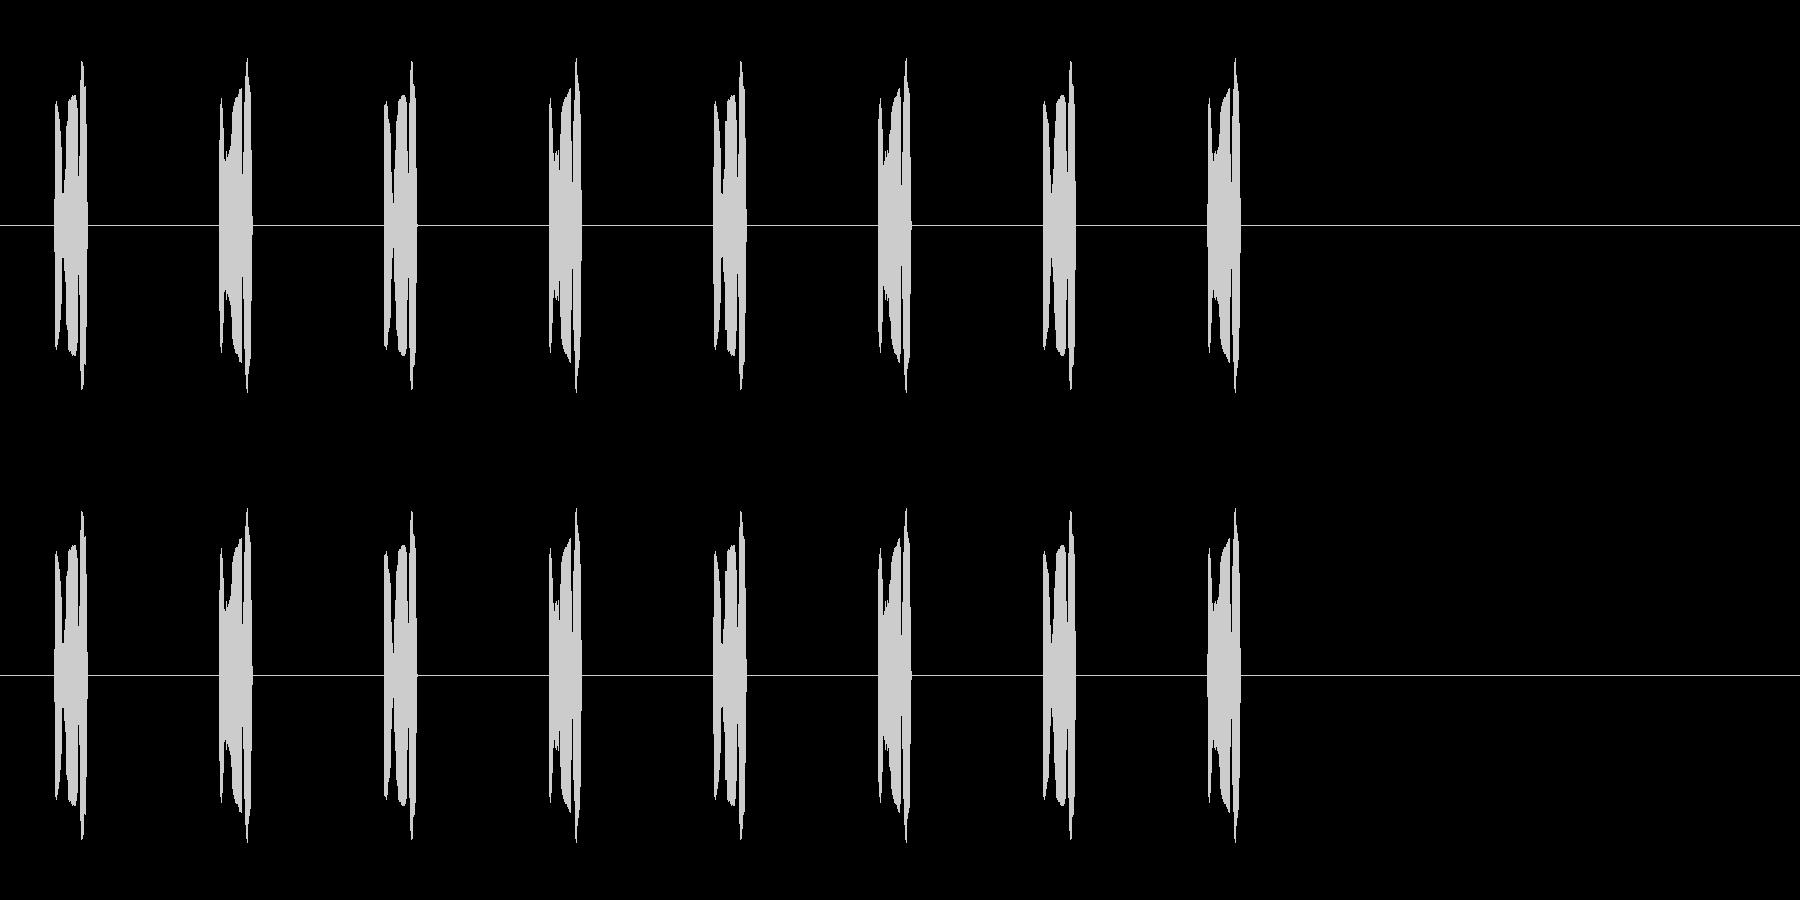 コミカルな足音 B-2-3の未再生の波形